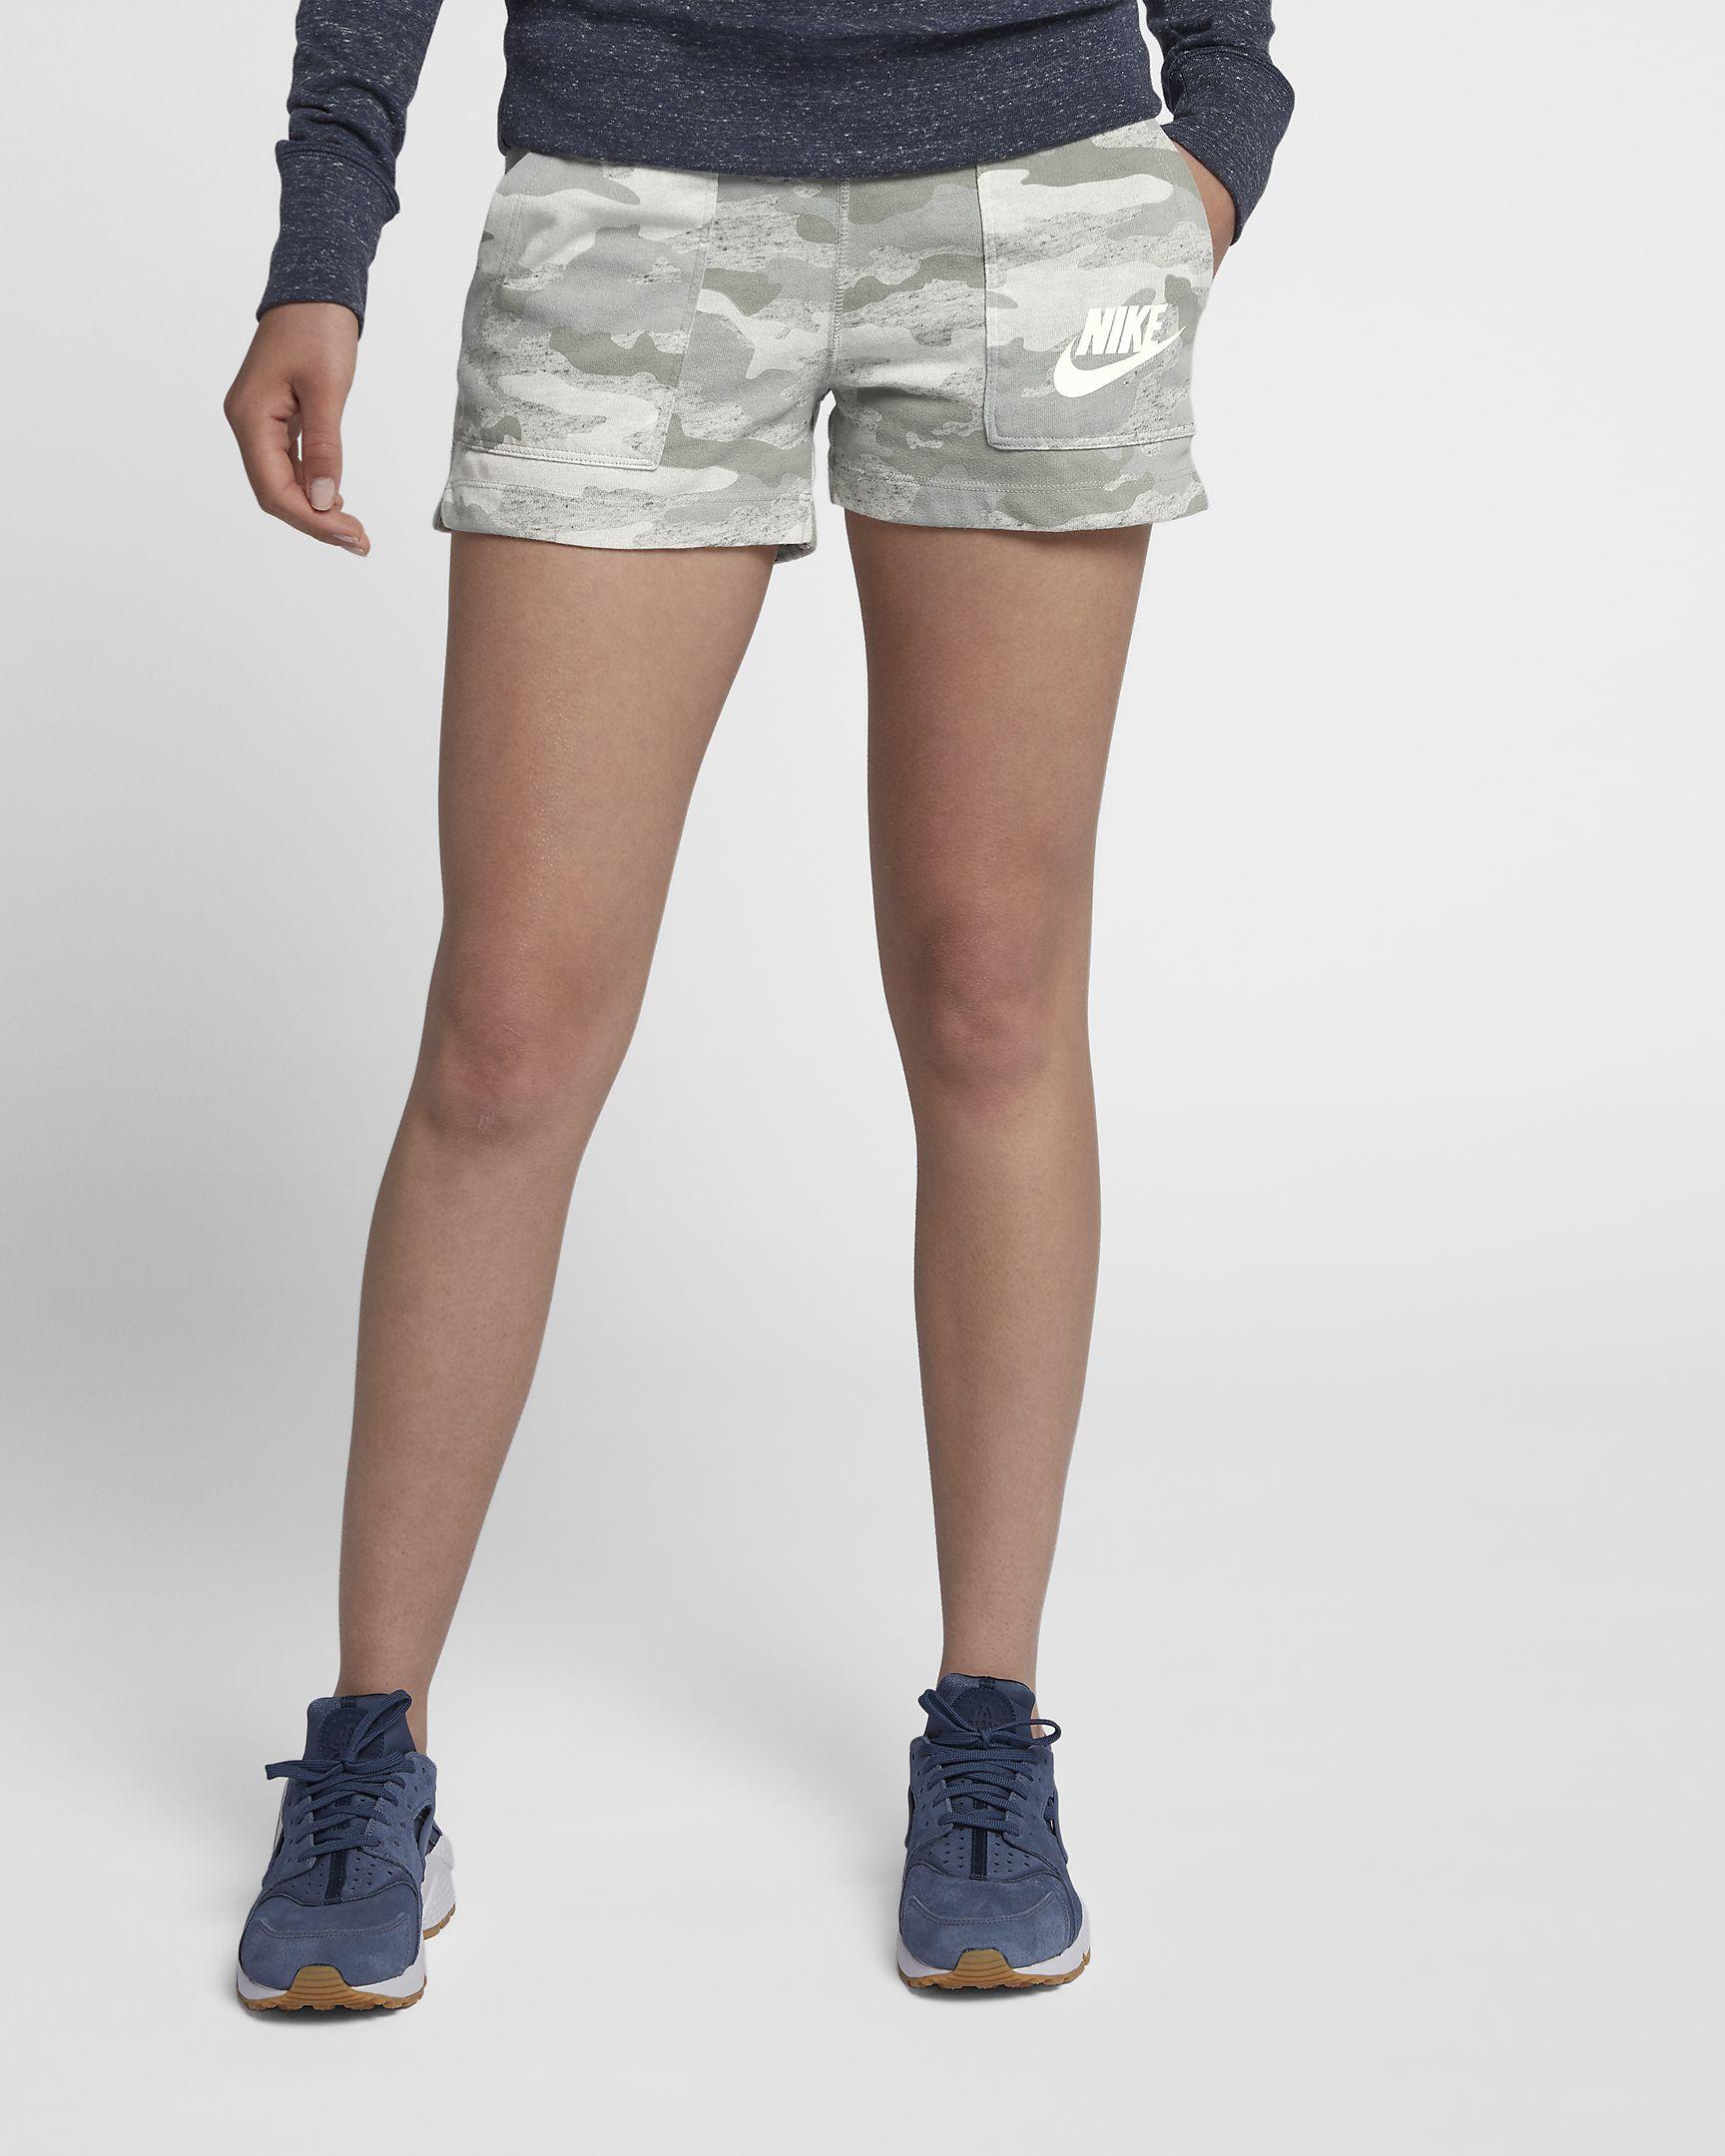 d05077c79071bd Nike Damen Camo Sport Freizeit Fitness Shorts Gym Vintage kurze Hose ...